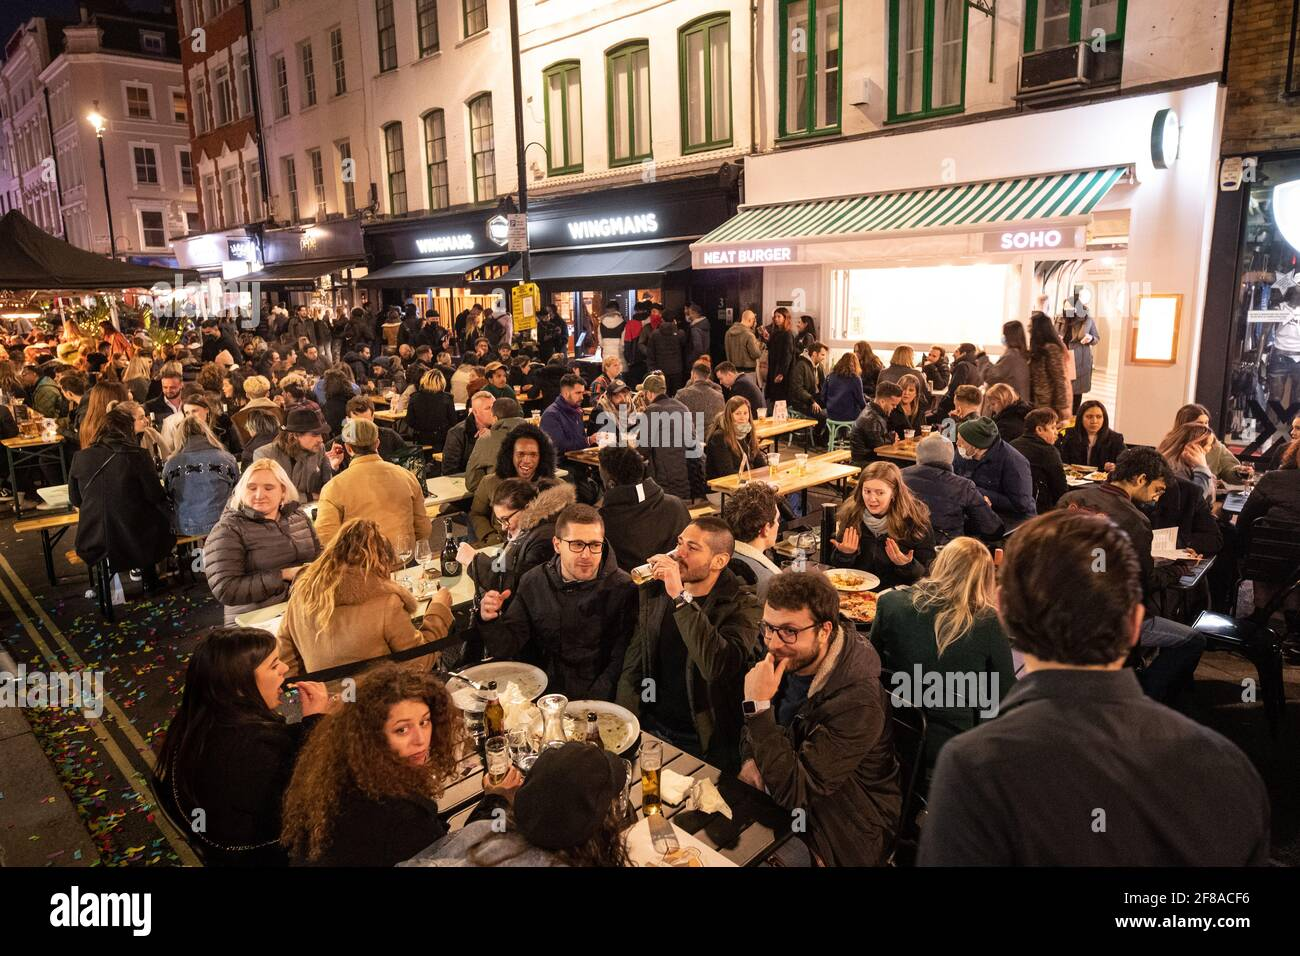 Londres, Reino Unido. 13 de abril de 2021. La gente se reúne en Soho, Londres, donde las calles estaban cerradas al tráfico, ya que los bares y restaurantes se abrían para comer y beber en el exterior, ya que las medidas de bloqueo se alivian en todo el Reino Unido. Fecha de la foto: Martes 13 de abril de 2021. El crédito de la foto debe ser: Matt Crossick/Empics/Alamy Live News Foto de stock